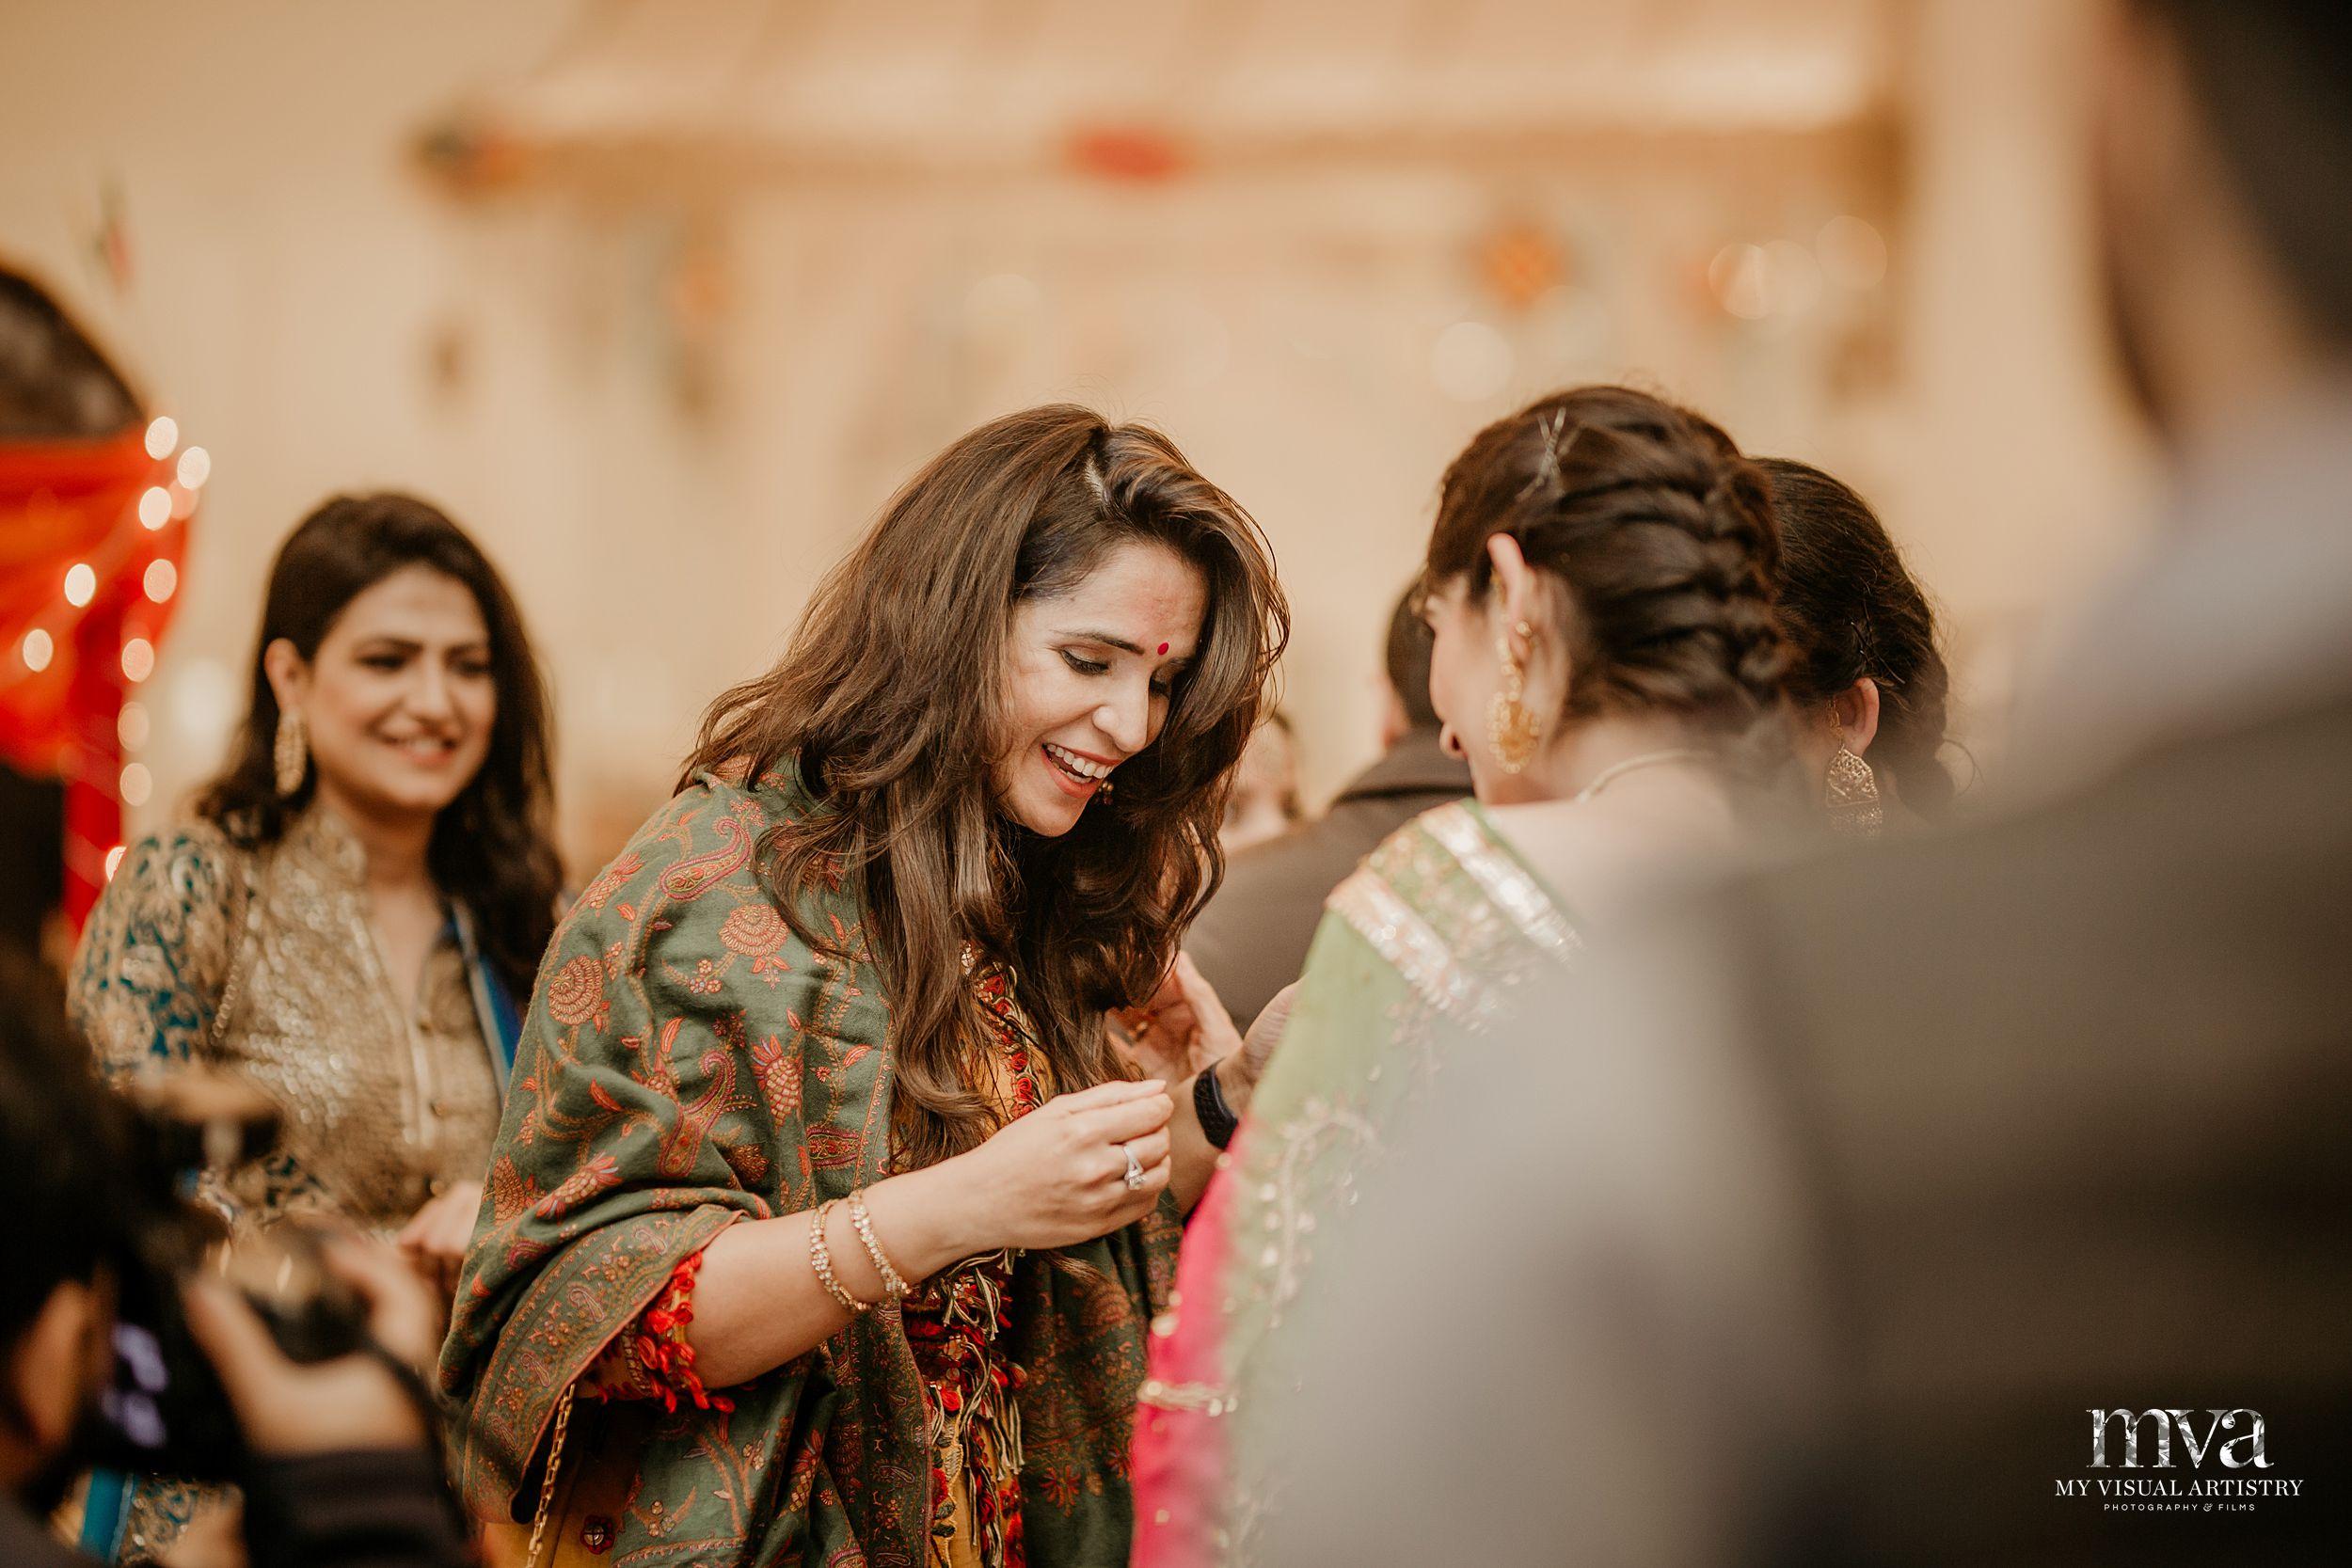 anant_arundhati_myvisualartistry_mva_wedding_sikh_ - 123.jpg